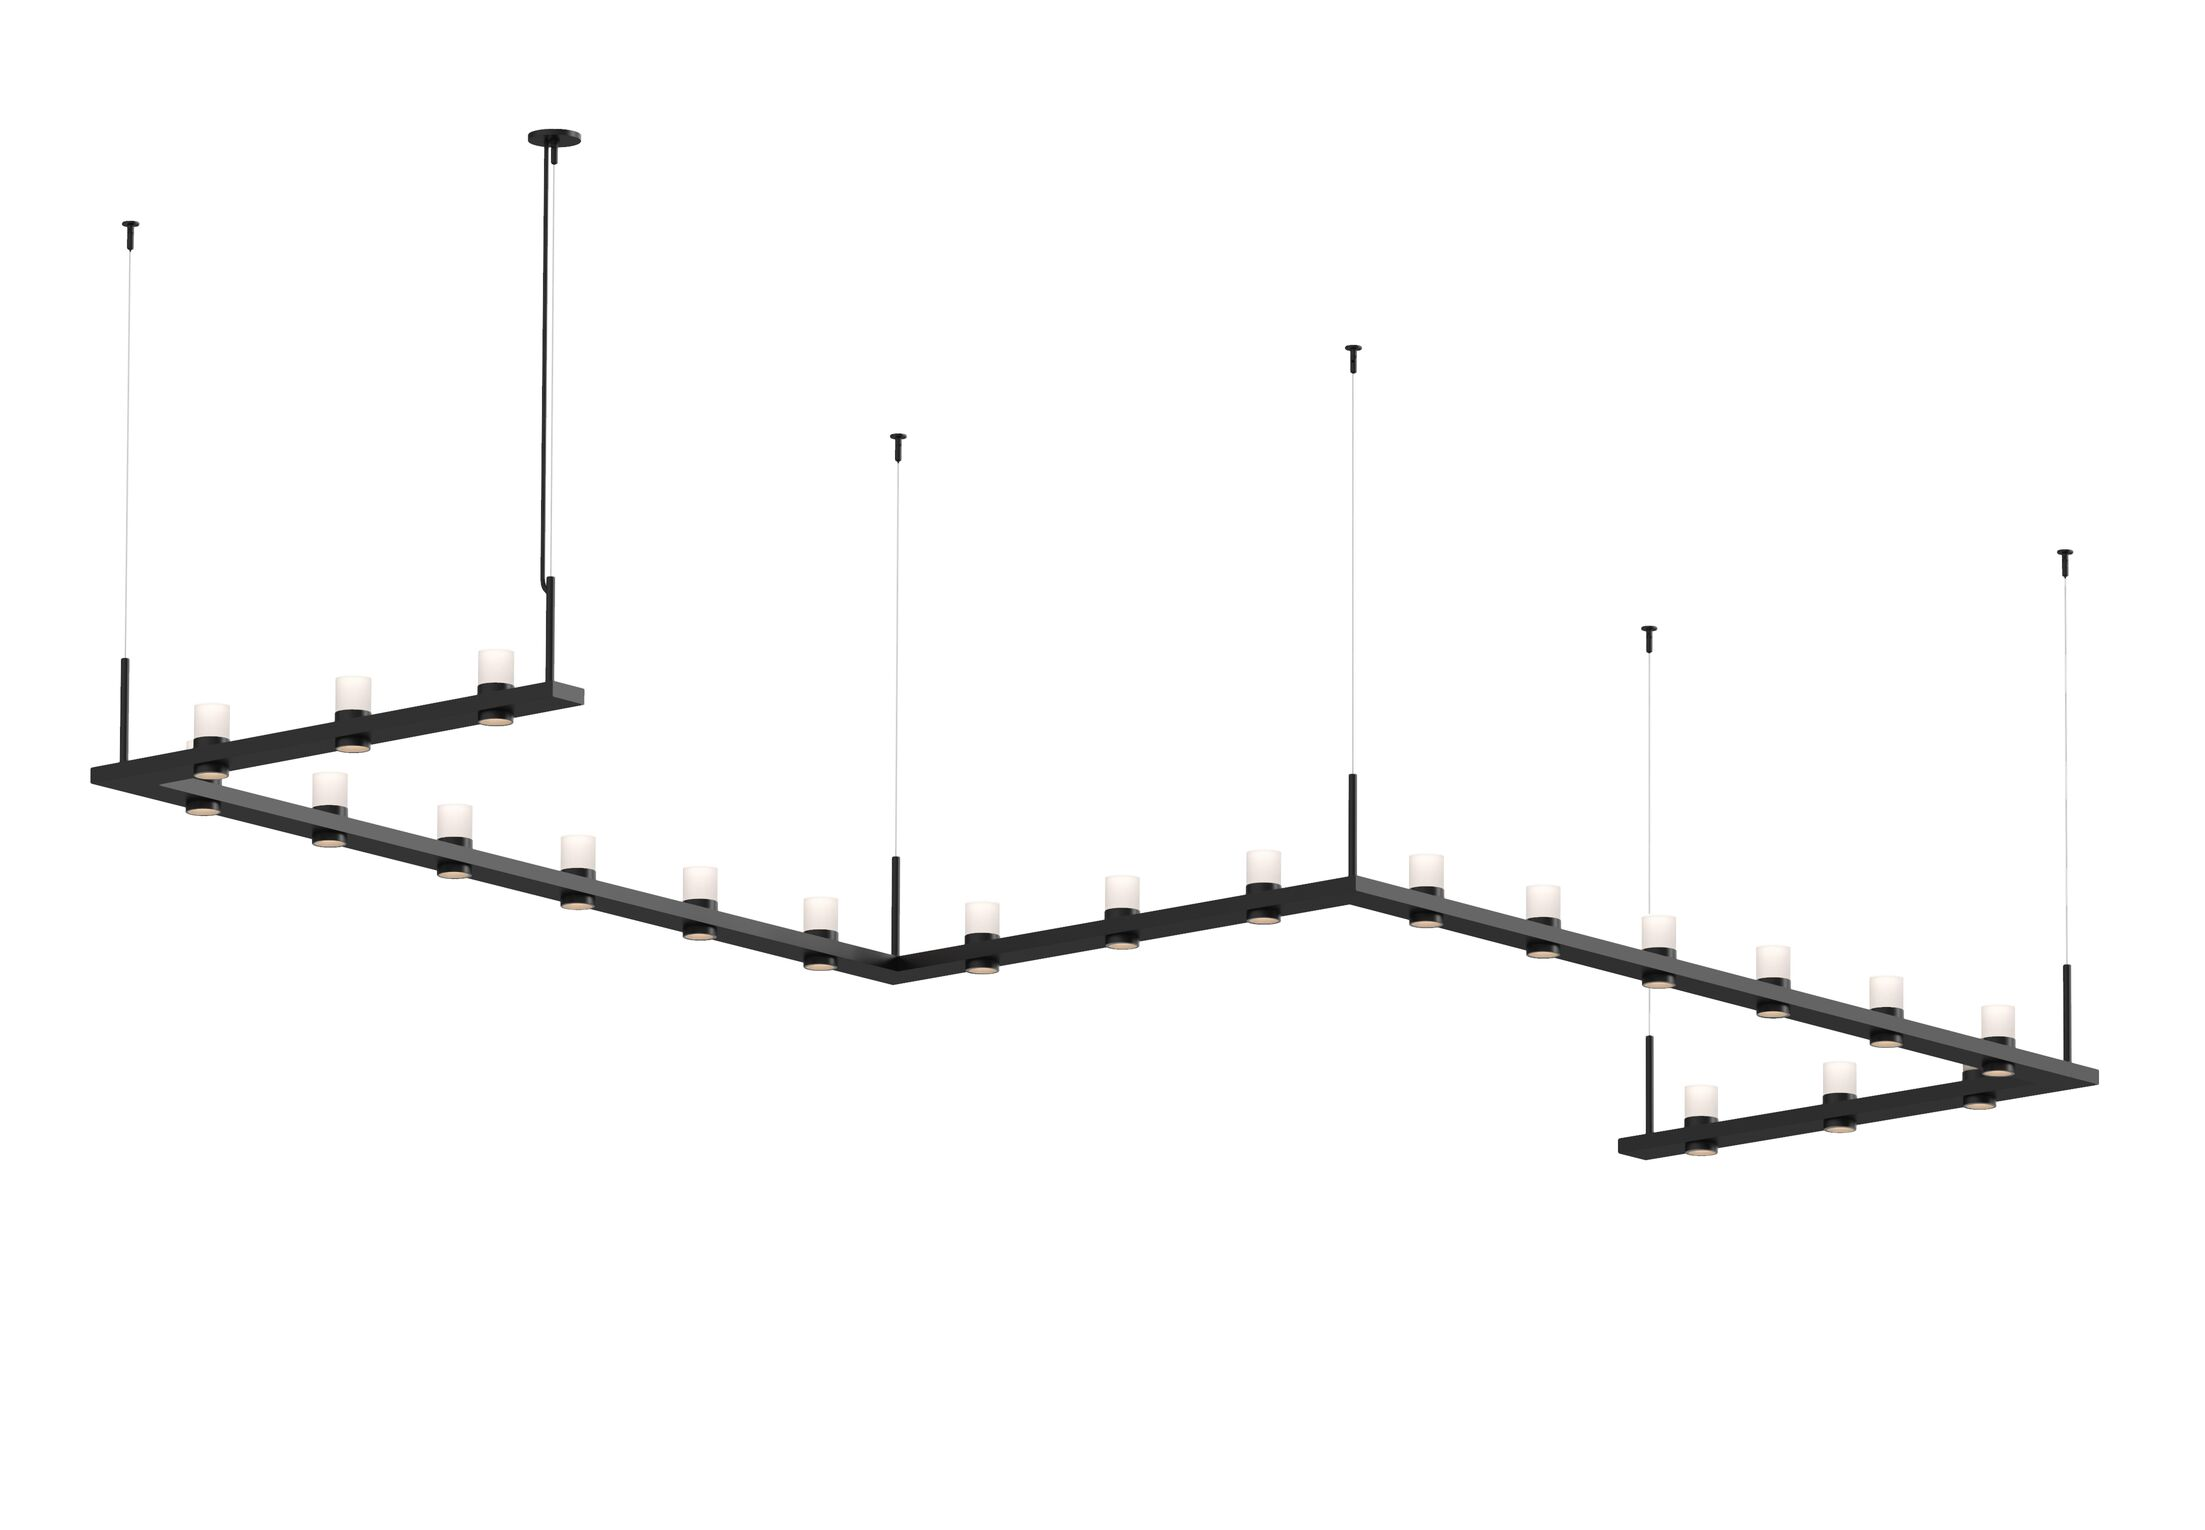 Intervals� Zig-Zag 21-Light LED Kitchen Island Pendant Finish: Satin Black, Shade Style: Etched